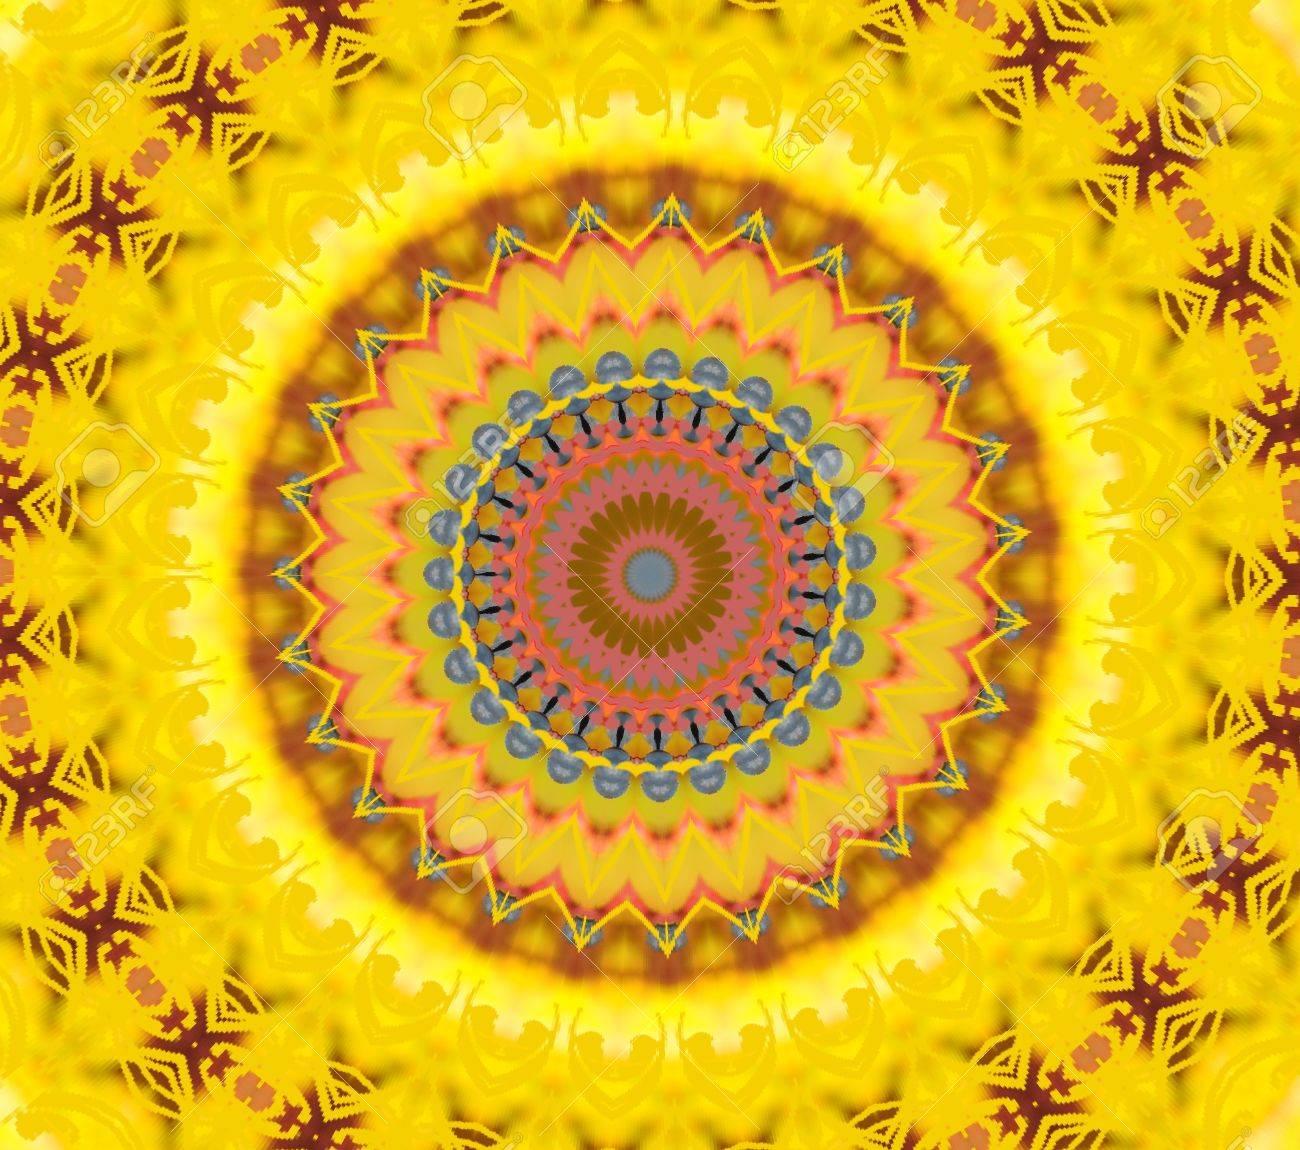 Ein Gelbes Muster Für Die Meditation Lizenzfreie Fotos, Bilder Und ...